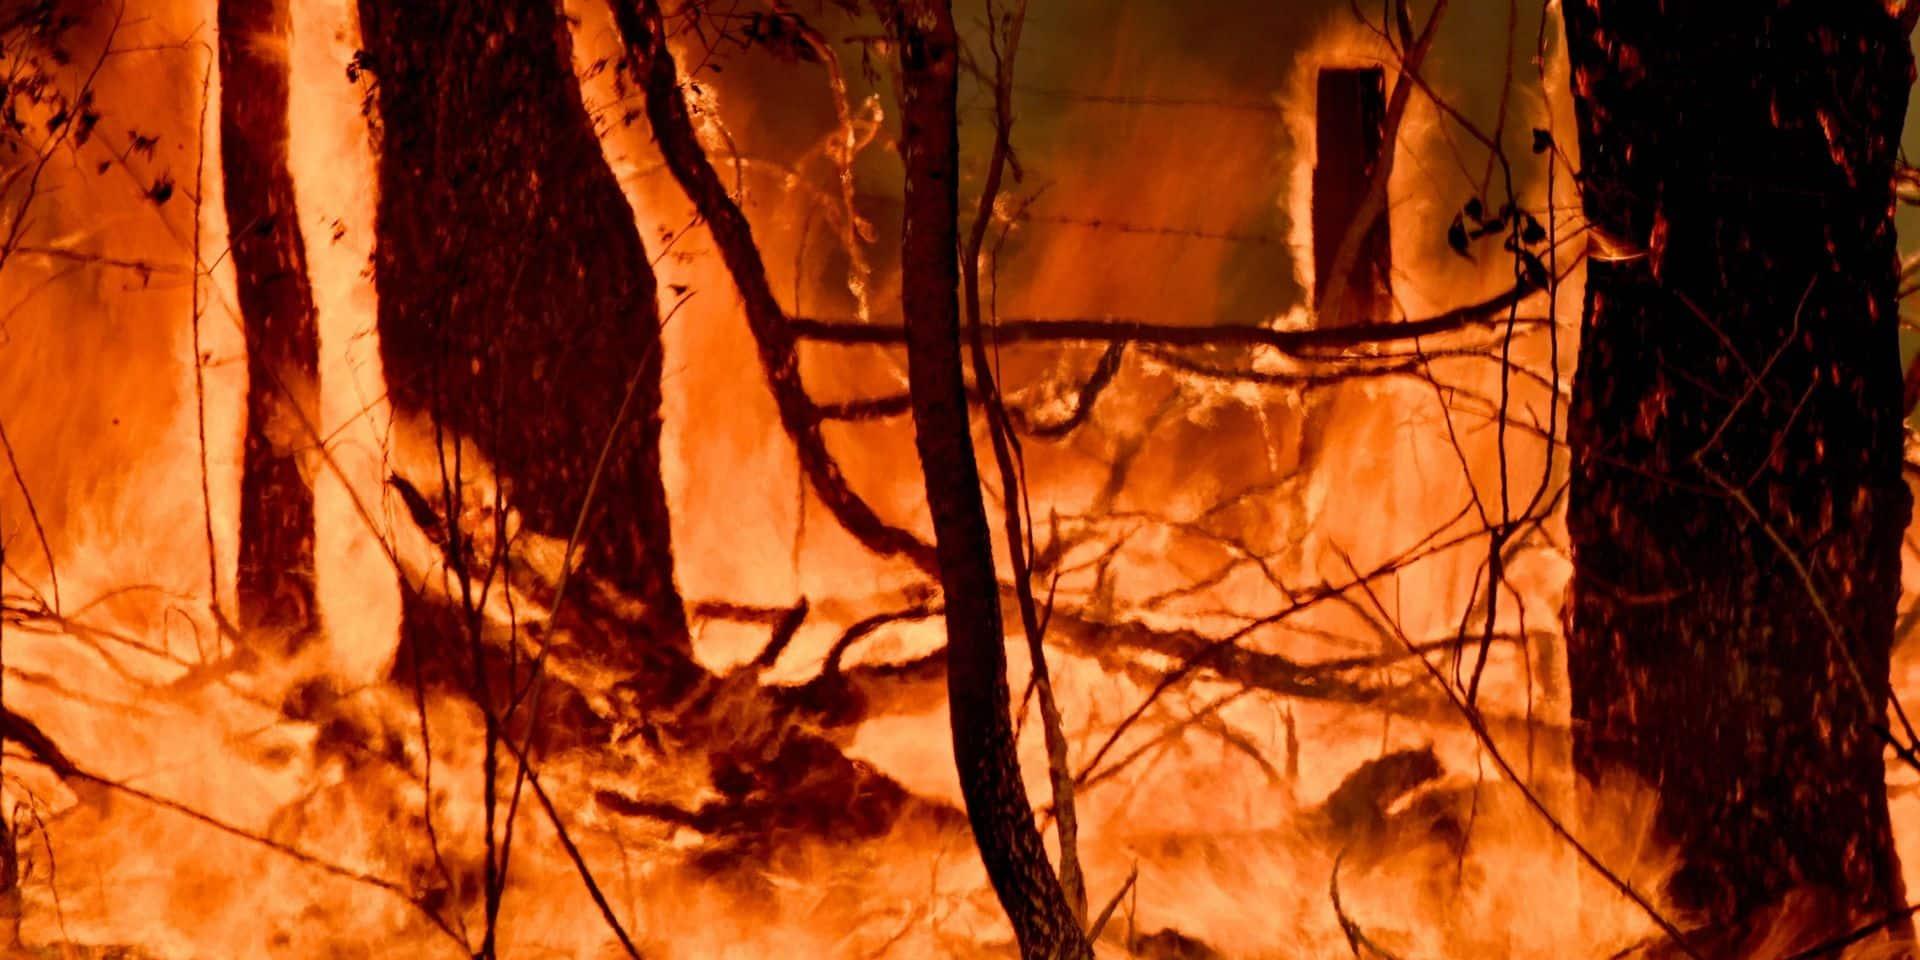 """""""Incendies incroyablement dangereux"""": l'Australie placée en état d'urgence, le rallye annulé"""